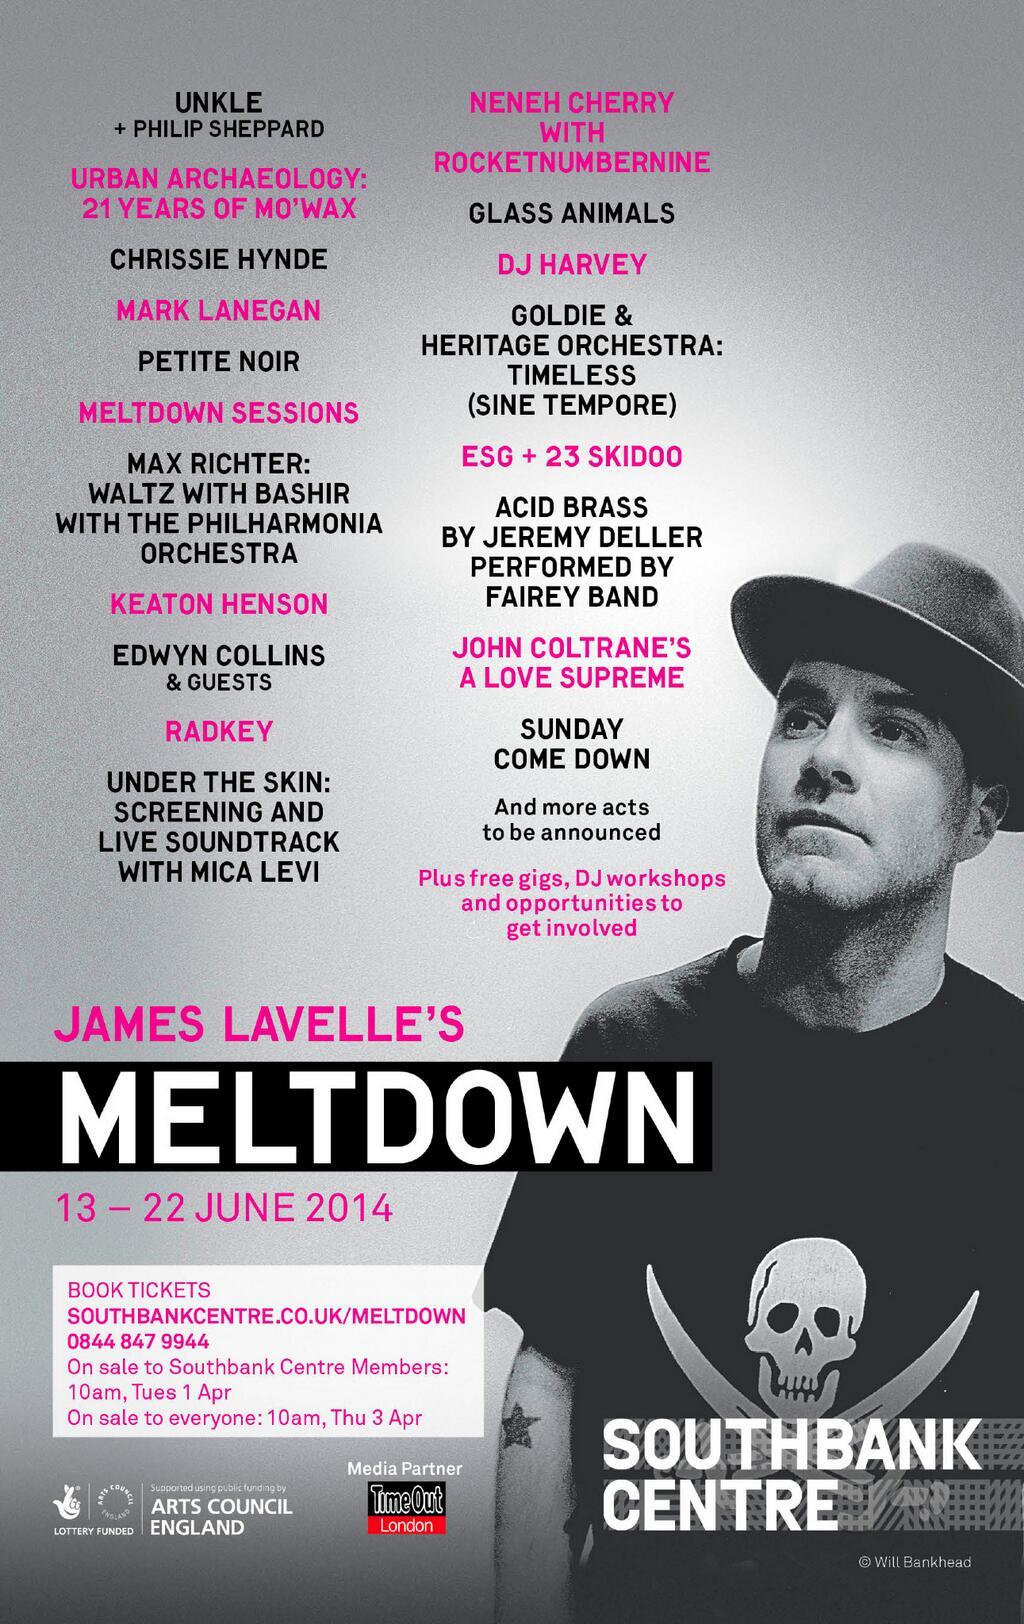 meltdown-2014-james-lavelle-lineup